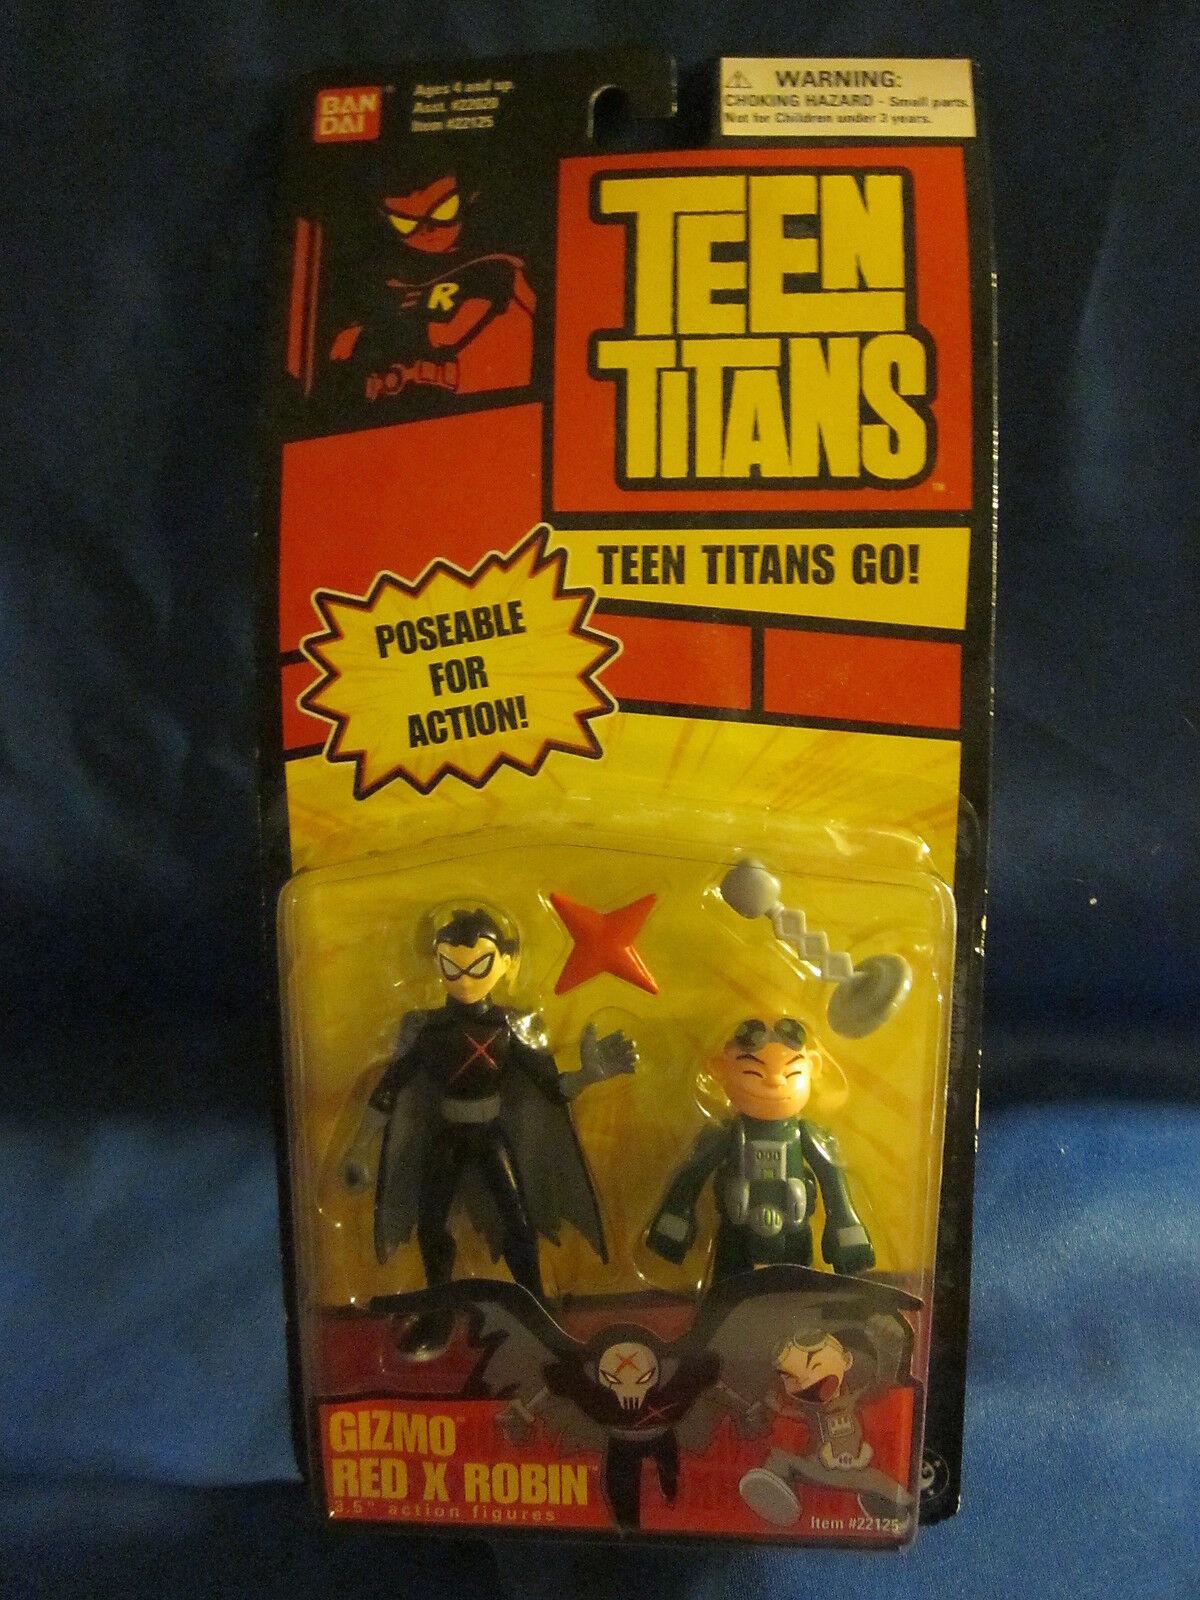 Teen Titans Teen Titans Go Gizmo Rosso x Robin Action Figures